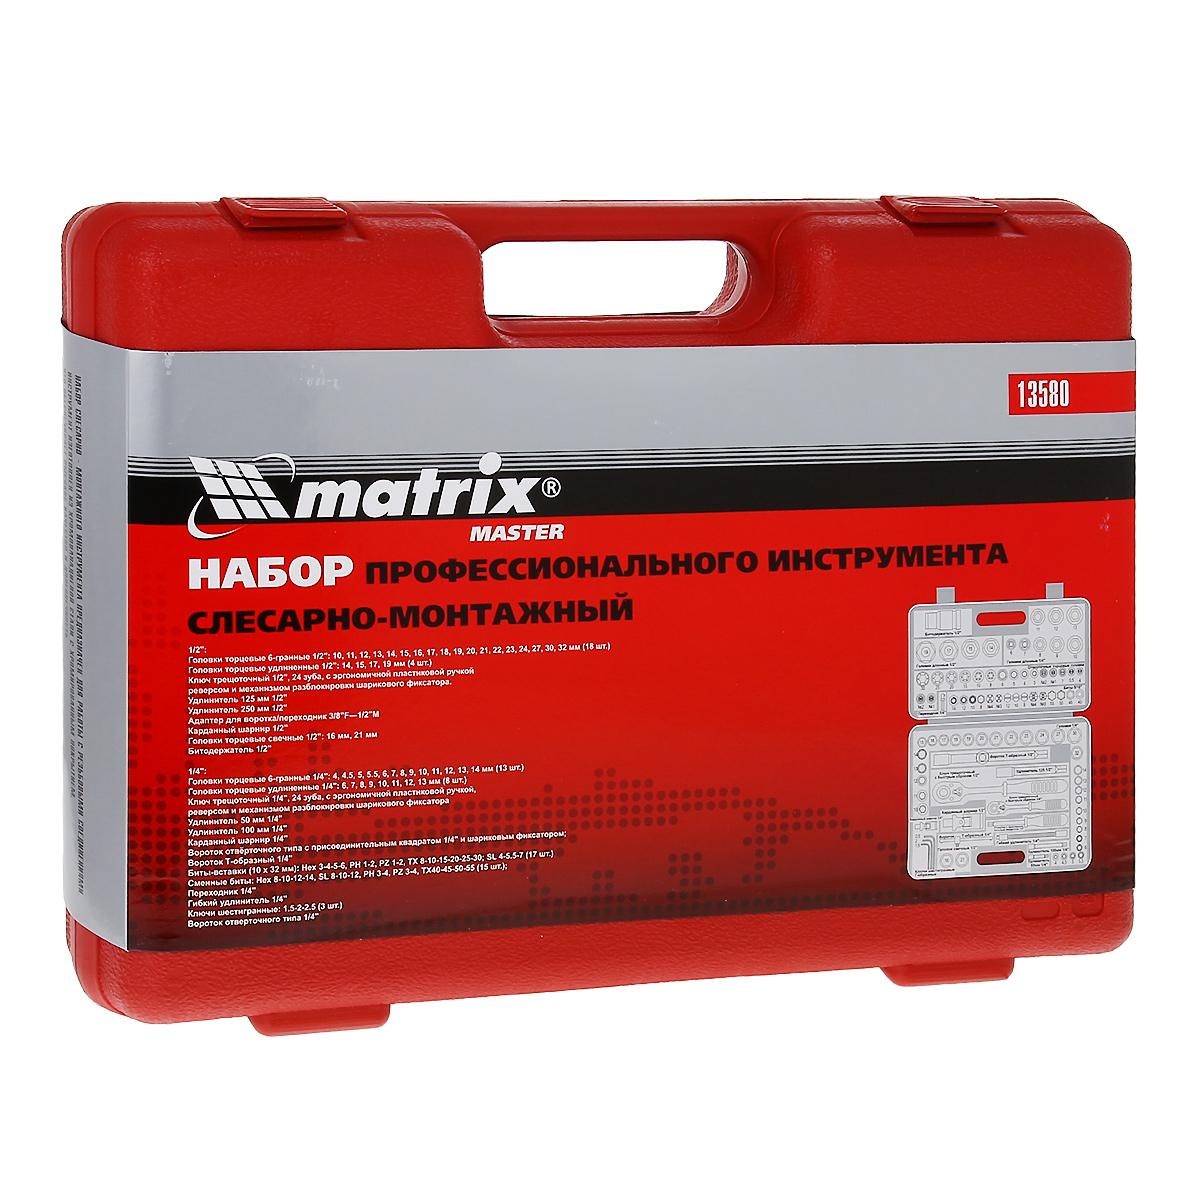 Набор слесарно-монтажный Matrix, 94 предмета80621Слесарно-монтажный набор Matrix предназначен для монтажа и демонтажа резьбовых соединений. Инструменты выполнены из хромованадиевой стали с хромированным покрытием, что обеспечивает высокое качество и долговечность.Состав набора:1/2:Головки торцевые шестигранные: 10 мм, 11 мм, 12 мм, 13 мм, 14 мм, 15 мм, 16 мм, 17 мм, 18 мм, 19 мм, 20 мм, 21 мм, 22 мм, 23 мм, 24 мм, 27 мм, 30 мм, 32 мм.Головки торцевые удлиненные: 14 мм, 15 мм, 17 мм, 19 мм.Ключ трещоточный, 24 зуба, с эргономичной пластиковой ручкой, реверсом и механизмом разблокировки шарикового фиксатора.Удлинитель 125 мм.Удлинитель 250 мм.Адаптер для воротка/переходник 3/8F-1/2M.Карданный шарнир.Битодержатель.1/4:Головки торцевые шестигранные: 4 мм, 4,5 мм, 5 мм, 5,5 мм, 6 мм, 7 мм, 8 мм, 9 мм, 10 мм, 11 мм, 12 мм, 13 мм, 14 мм.Головки торцевые удлиненные: 6 мм, 7 мм, 8 мм, 9 мм, 10 мм, 11 мм, 12 мм, 13 мм.Ключ трещоточный, 24 зуба, с эргономичной пластиковой ручкой, реверсом и механизмом разблокировки шарикового фиксатора.Удлинитель 50 мм.Удлинитель 100 мм.Карданный шарнир.Вороток отверточного типа с присоединительным квадратом 1/4 и шариковым фиксатором.Вороток Т-образный.Биты-вставки (30 х 32 мм): Hex3, Hex4, Hex5, Hex6, PH1, PH2, PZ1, PZ2, T8, T10, T15, T20, T25, T30, SL4, SL5,5, SL7.Сменные биты: Hex8, Hex10, Hex12, Hex14, SL8, SL10, SL12, PH3, PH4, PZ3, PZ4, T40, T45, T50, T55.Переходник.Гибкий удлинитель.Ключи шестигранные: 1,5 мм, 2 мм, 2,5 мм.Вороток отверточного типа.